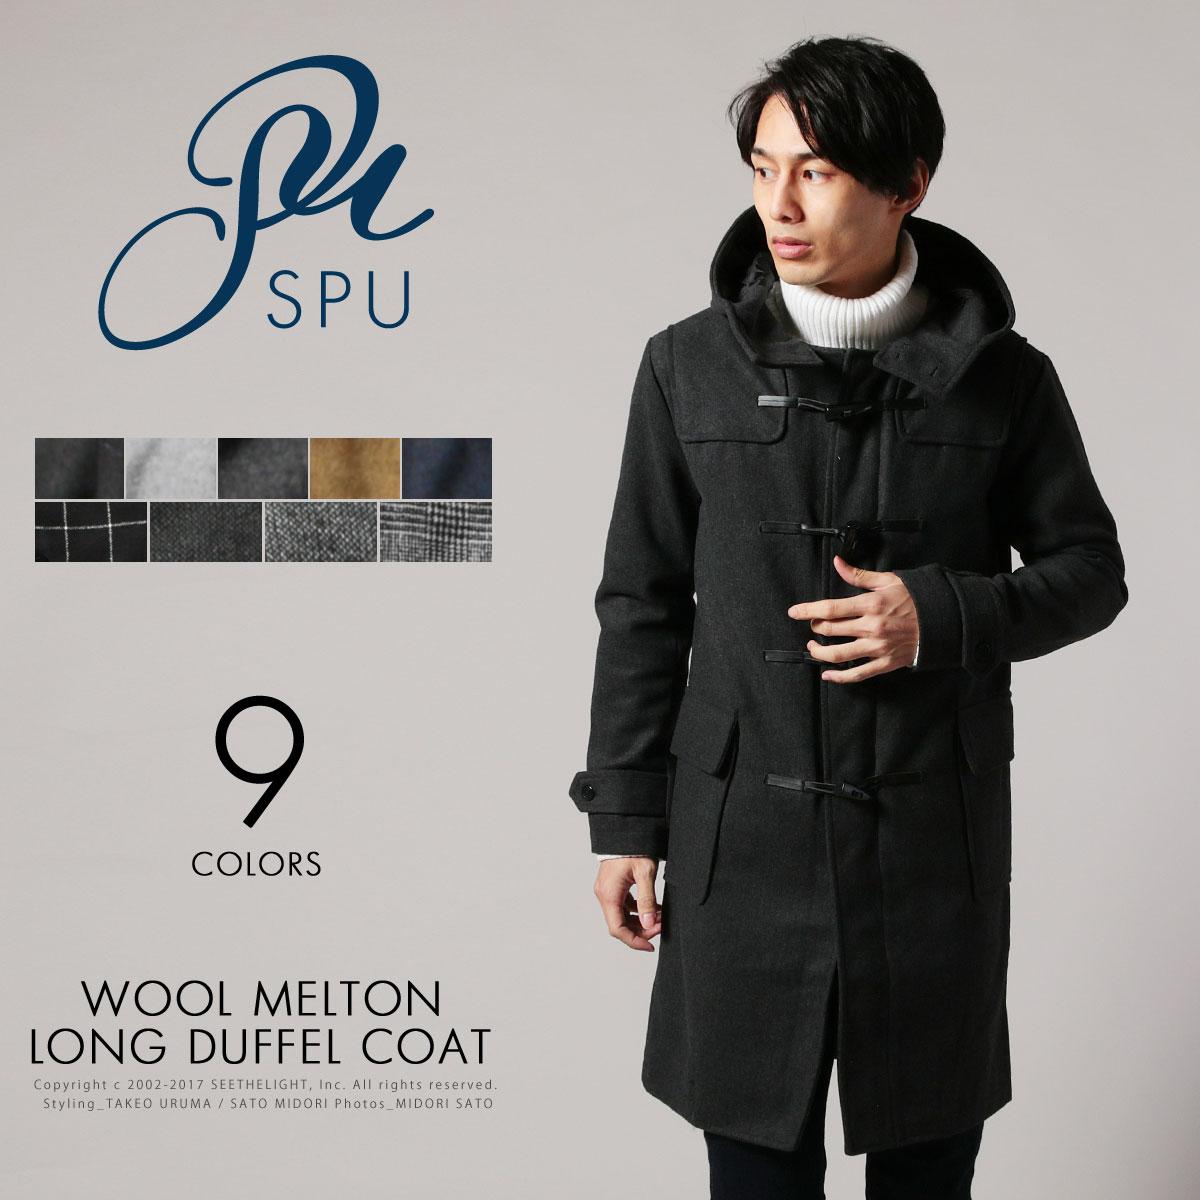 メンズ コート メンズファッション ウール メルトン ロング ダッフルコート SPU スプ